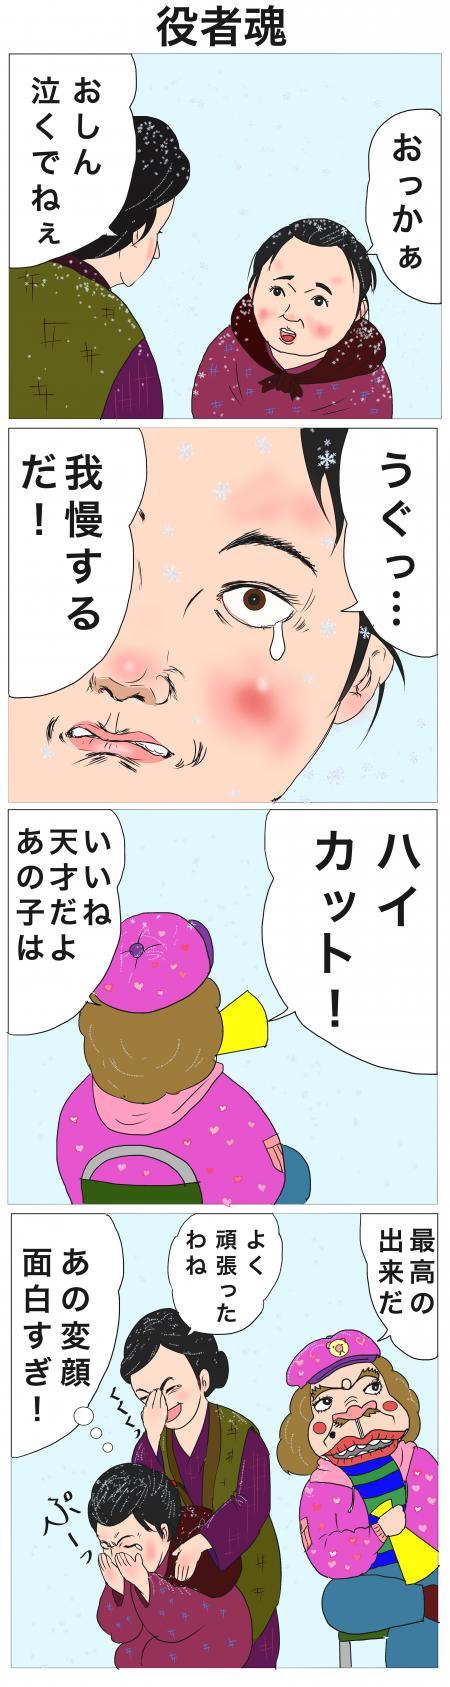 役者魂+のコピー_convert_20131111210252